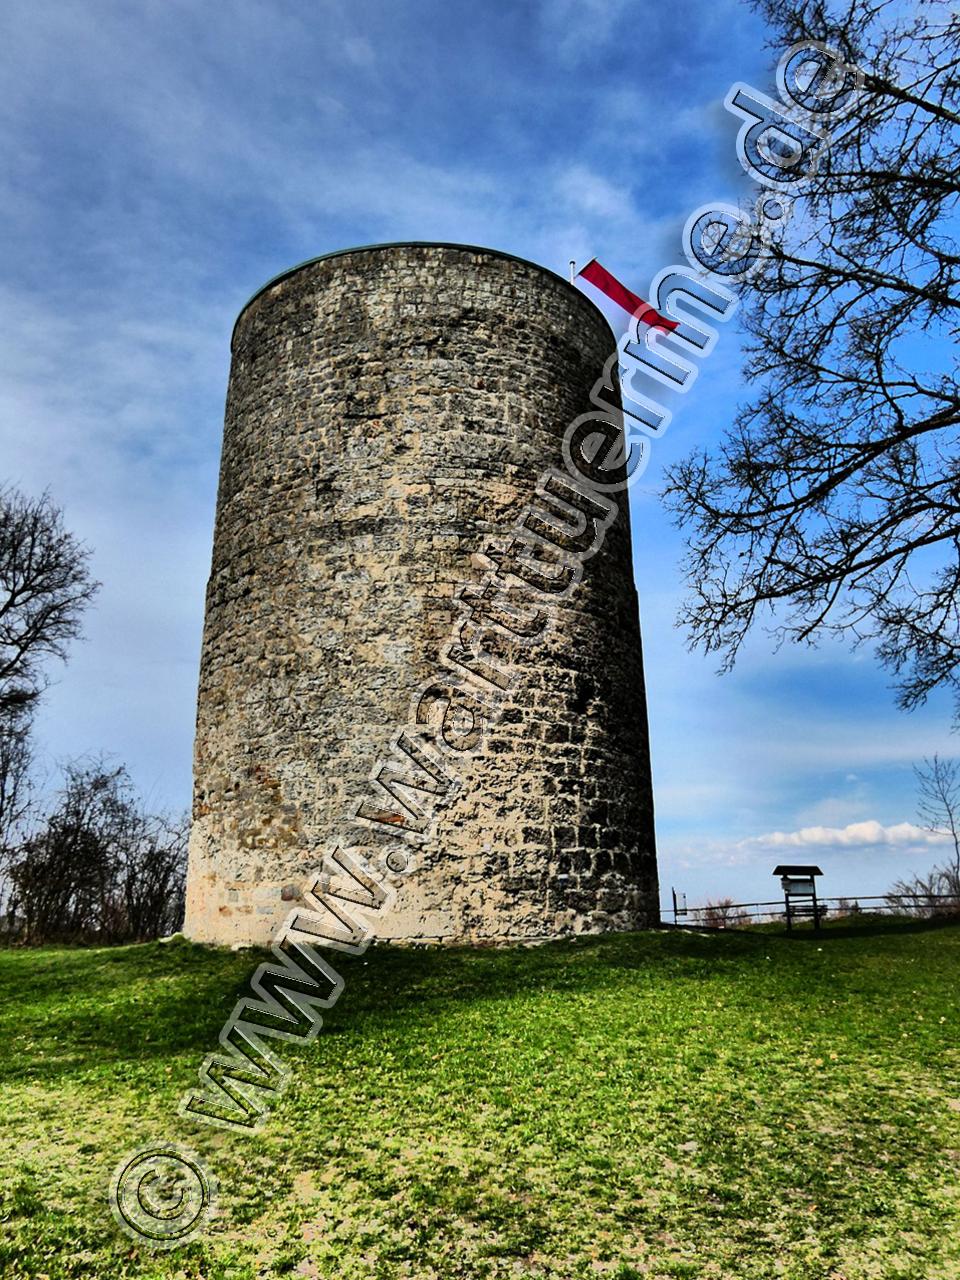 magnusturm-1280px